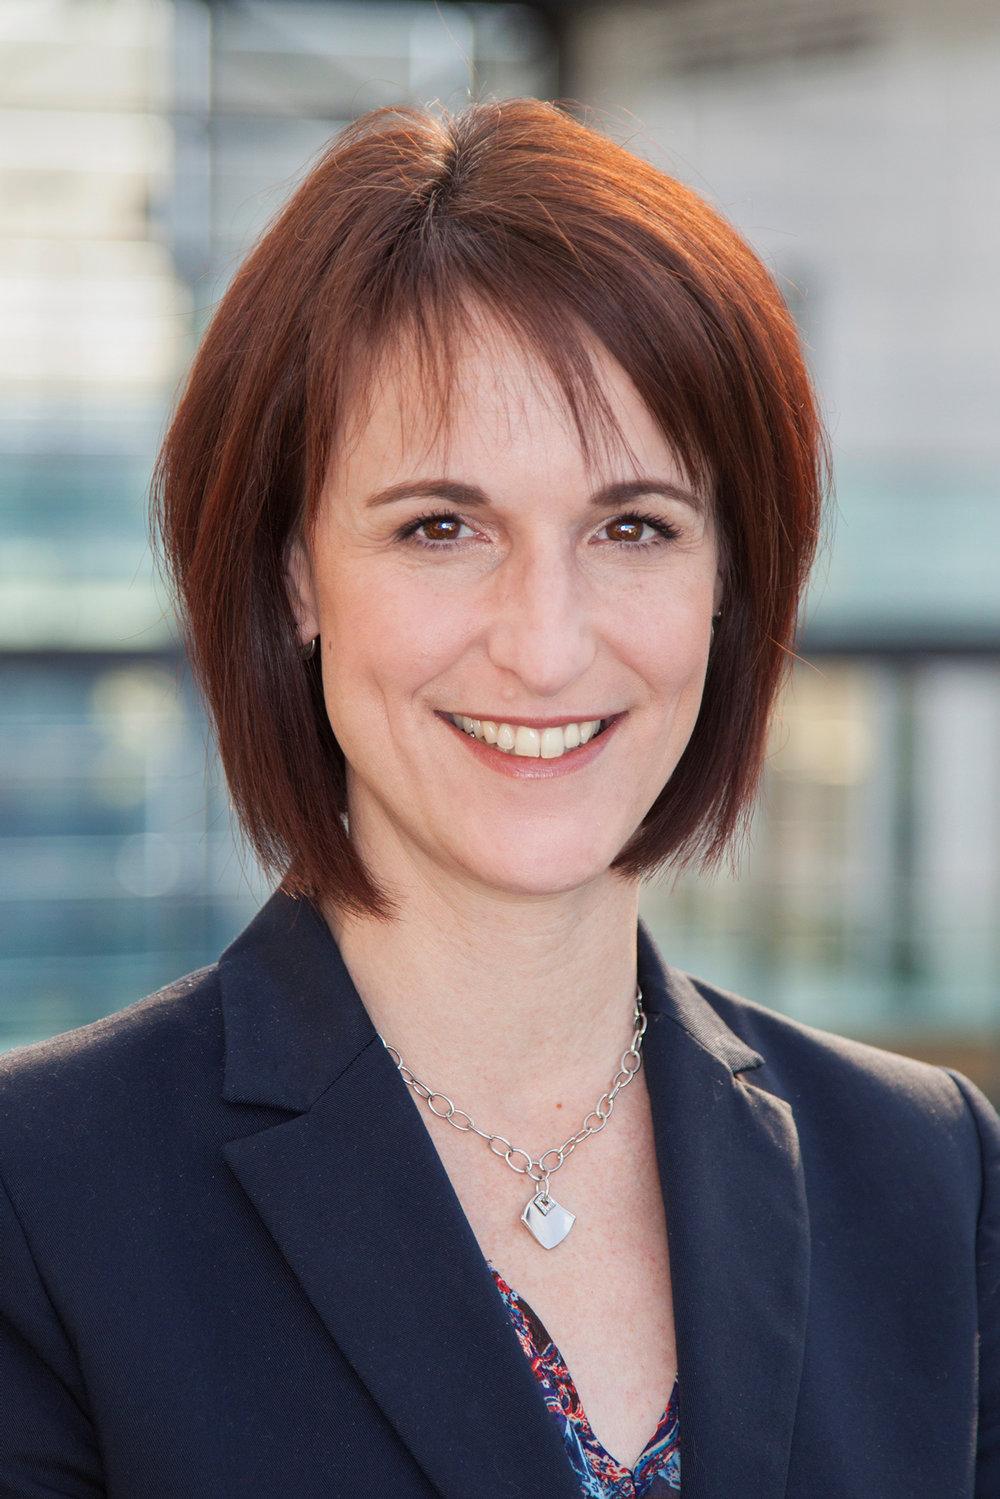 Kerstin Bitterer